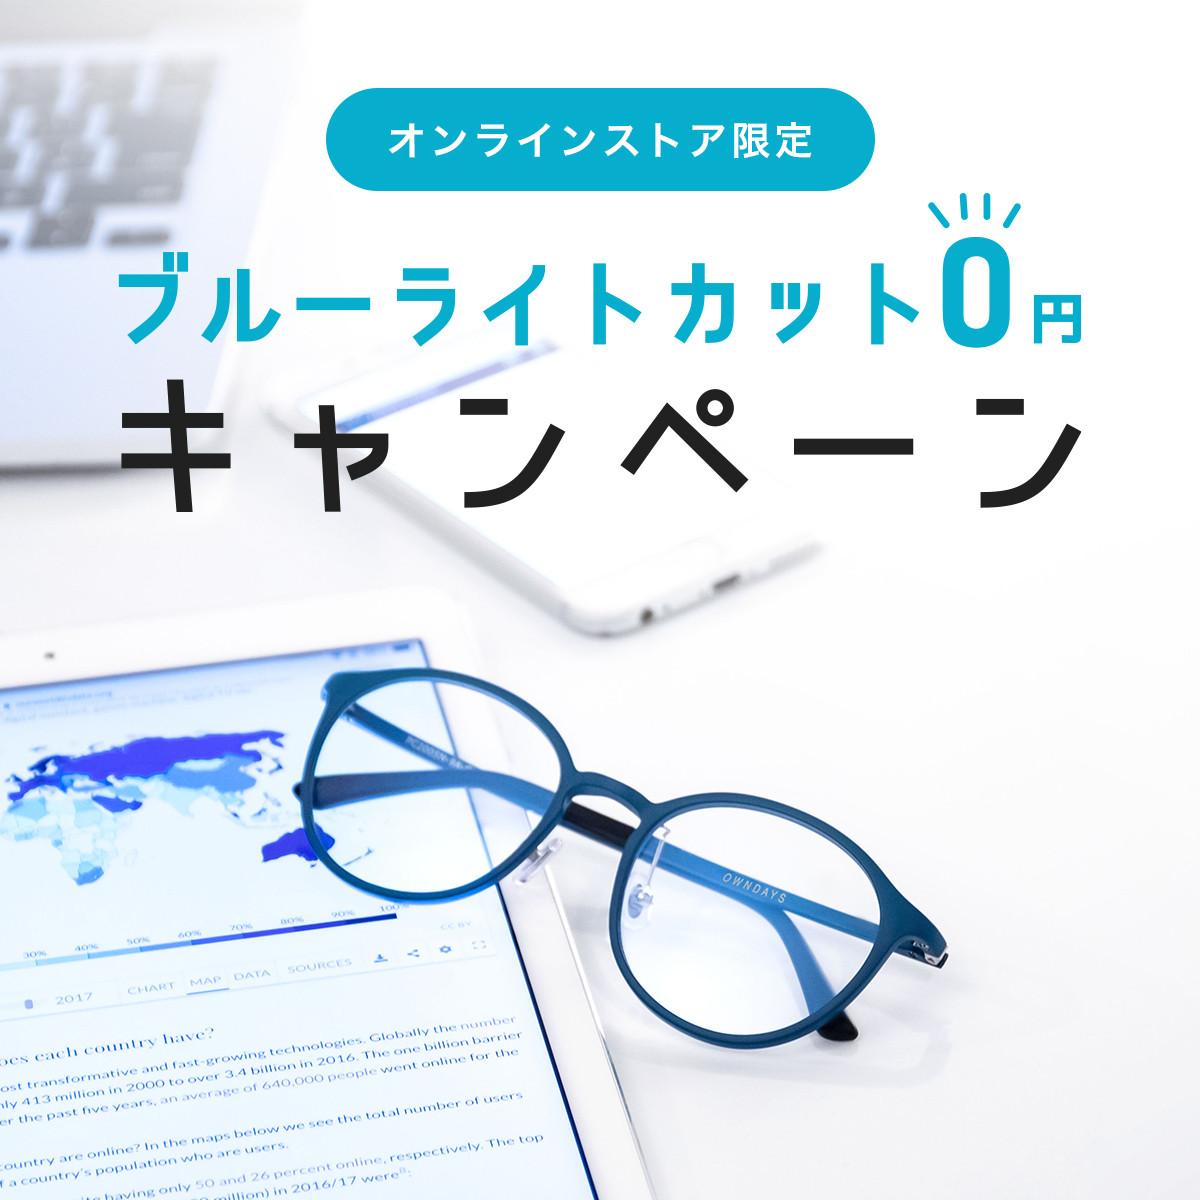 【オンラインストア限定】ブルーライトカットレンズ0円キャンペーン